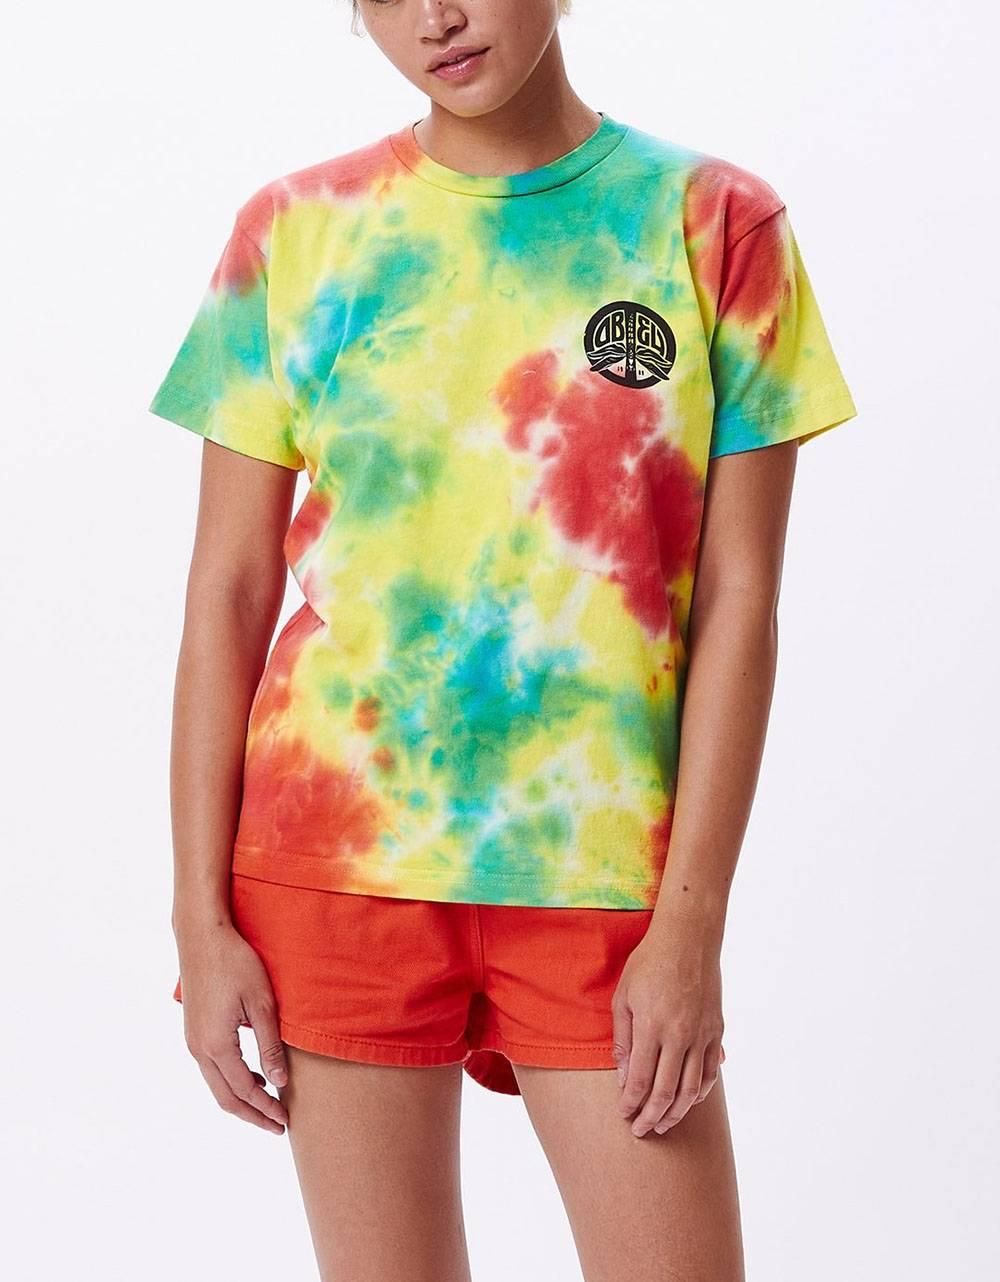 Obey Woman peace dragon custom box tee - tie dye dusky obey T-shirt 45,90€